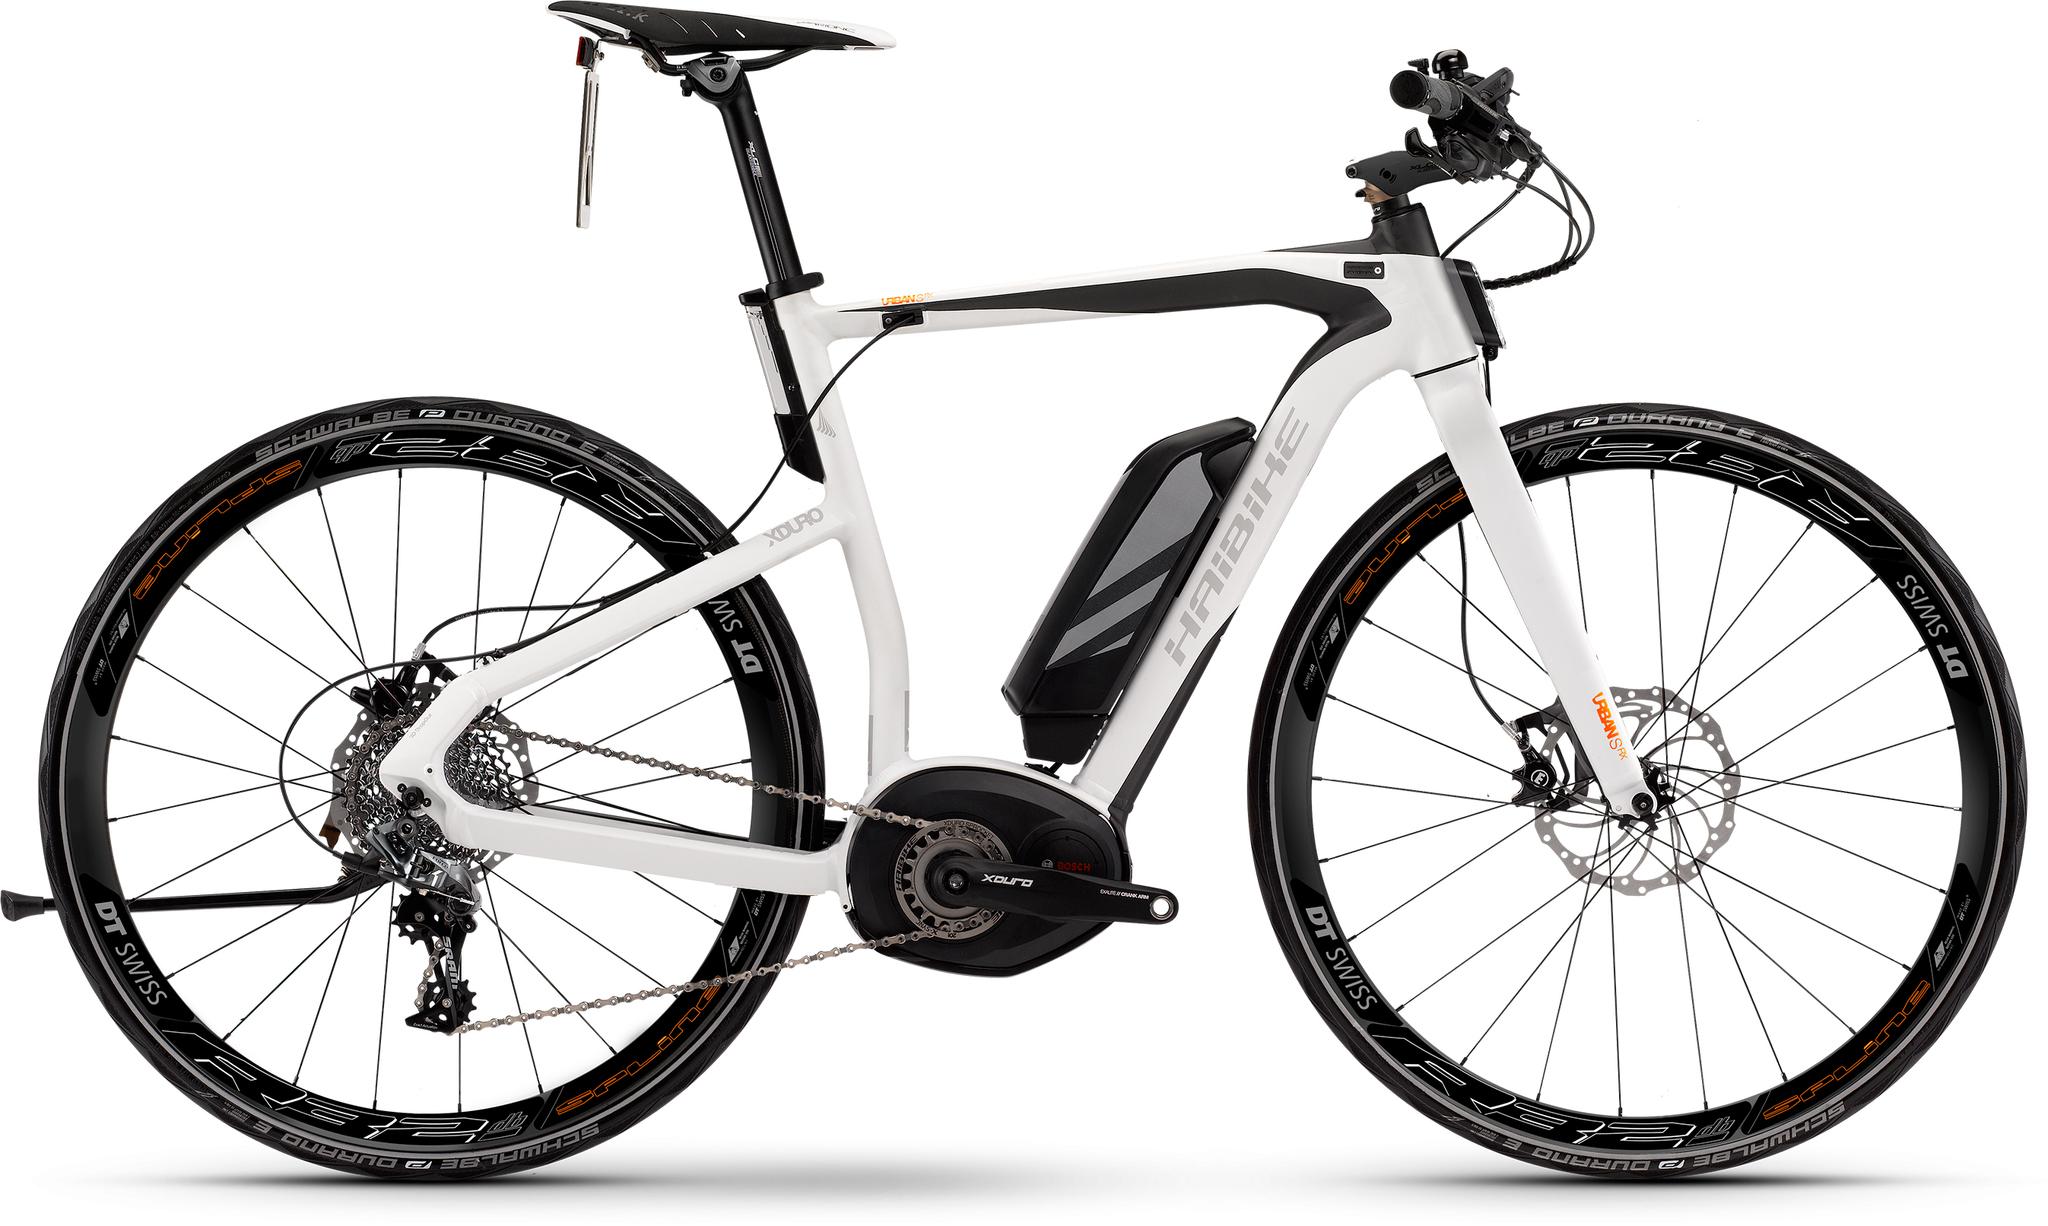 Haibike Xduro Urban S RX 500Wh (2016)Мужские<br>Электровелосипед Xduro Urban S RX 500Wh от немецкой компании Haibike выглядит современно и эффектно. Такая модель оптимально подходит для езды по городу. Жесткая вилка Xduro Aluminium, алюминиевая рама Aluminium 6061 Race, большие колеса диаметром 28 дюймов делают велосипед динамичным, легким и маневренным. Велосипед с двигателем мощностью 350W-500W развивает скорость до 45 км/ч, а запас хода составляет 30-50 км. Конструкция дисковых гидравлических тормозов считается одной из наиболее надежных, велосипед легко и быстро остановится даже на большой скорости или на спуске.<br>